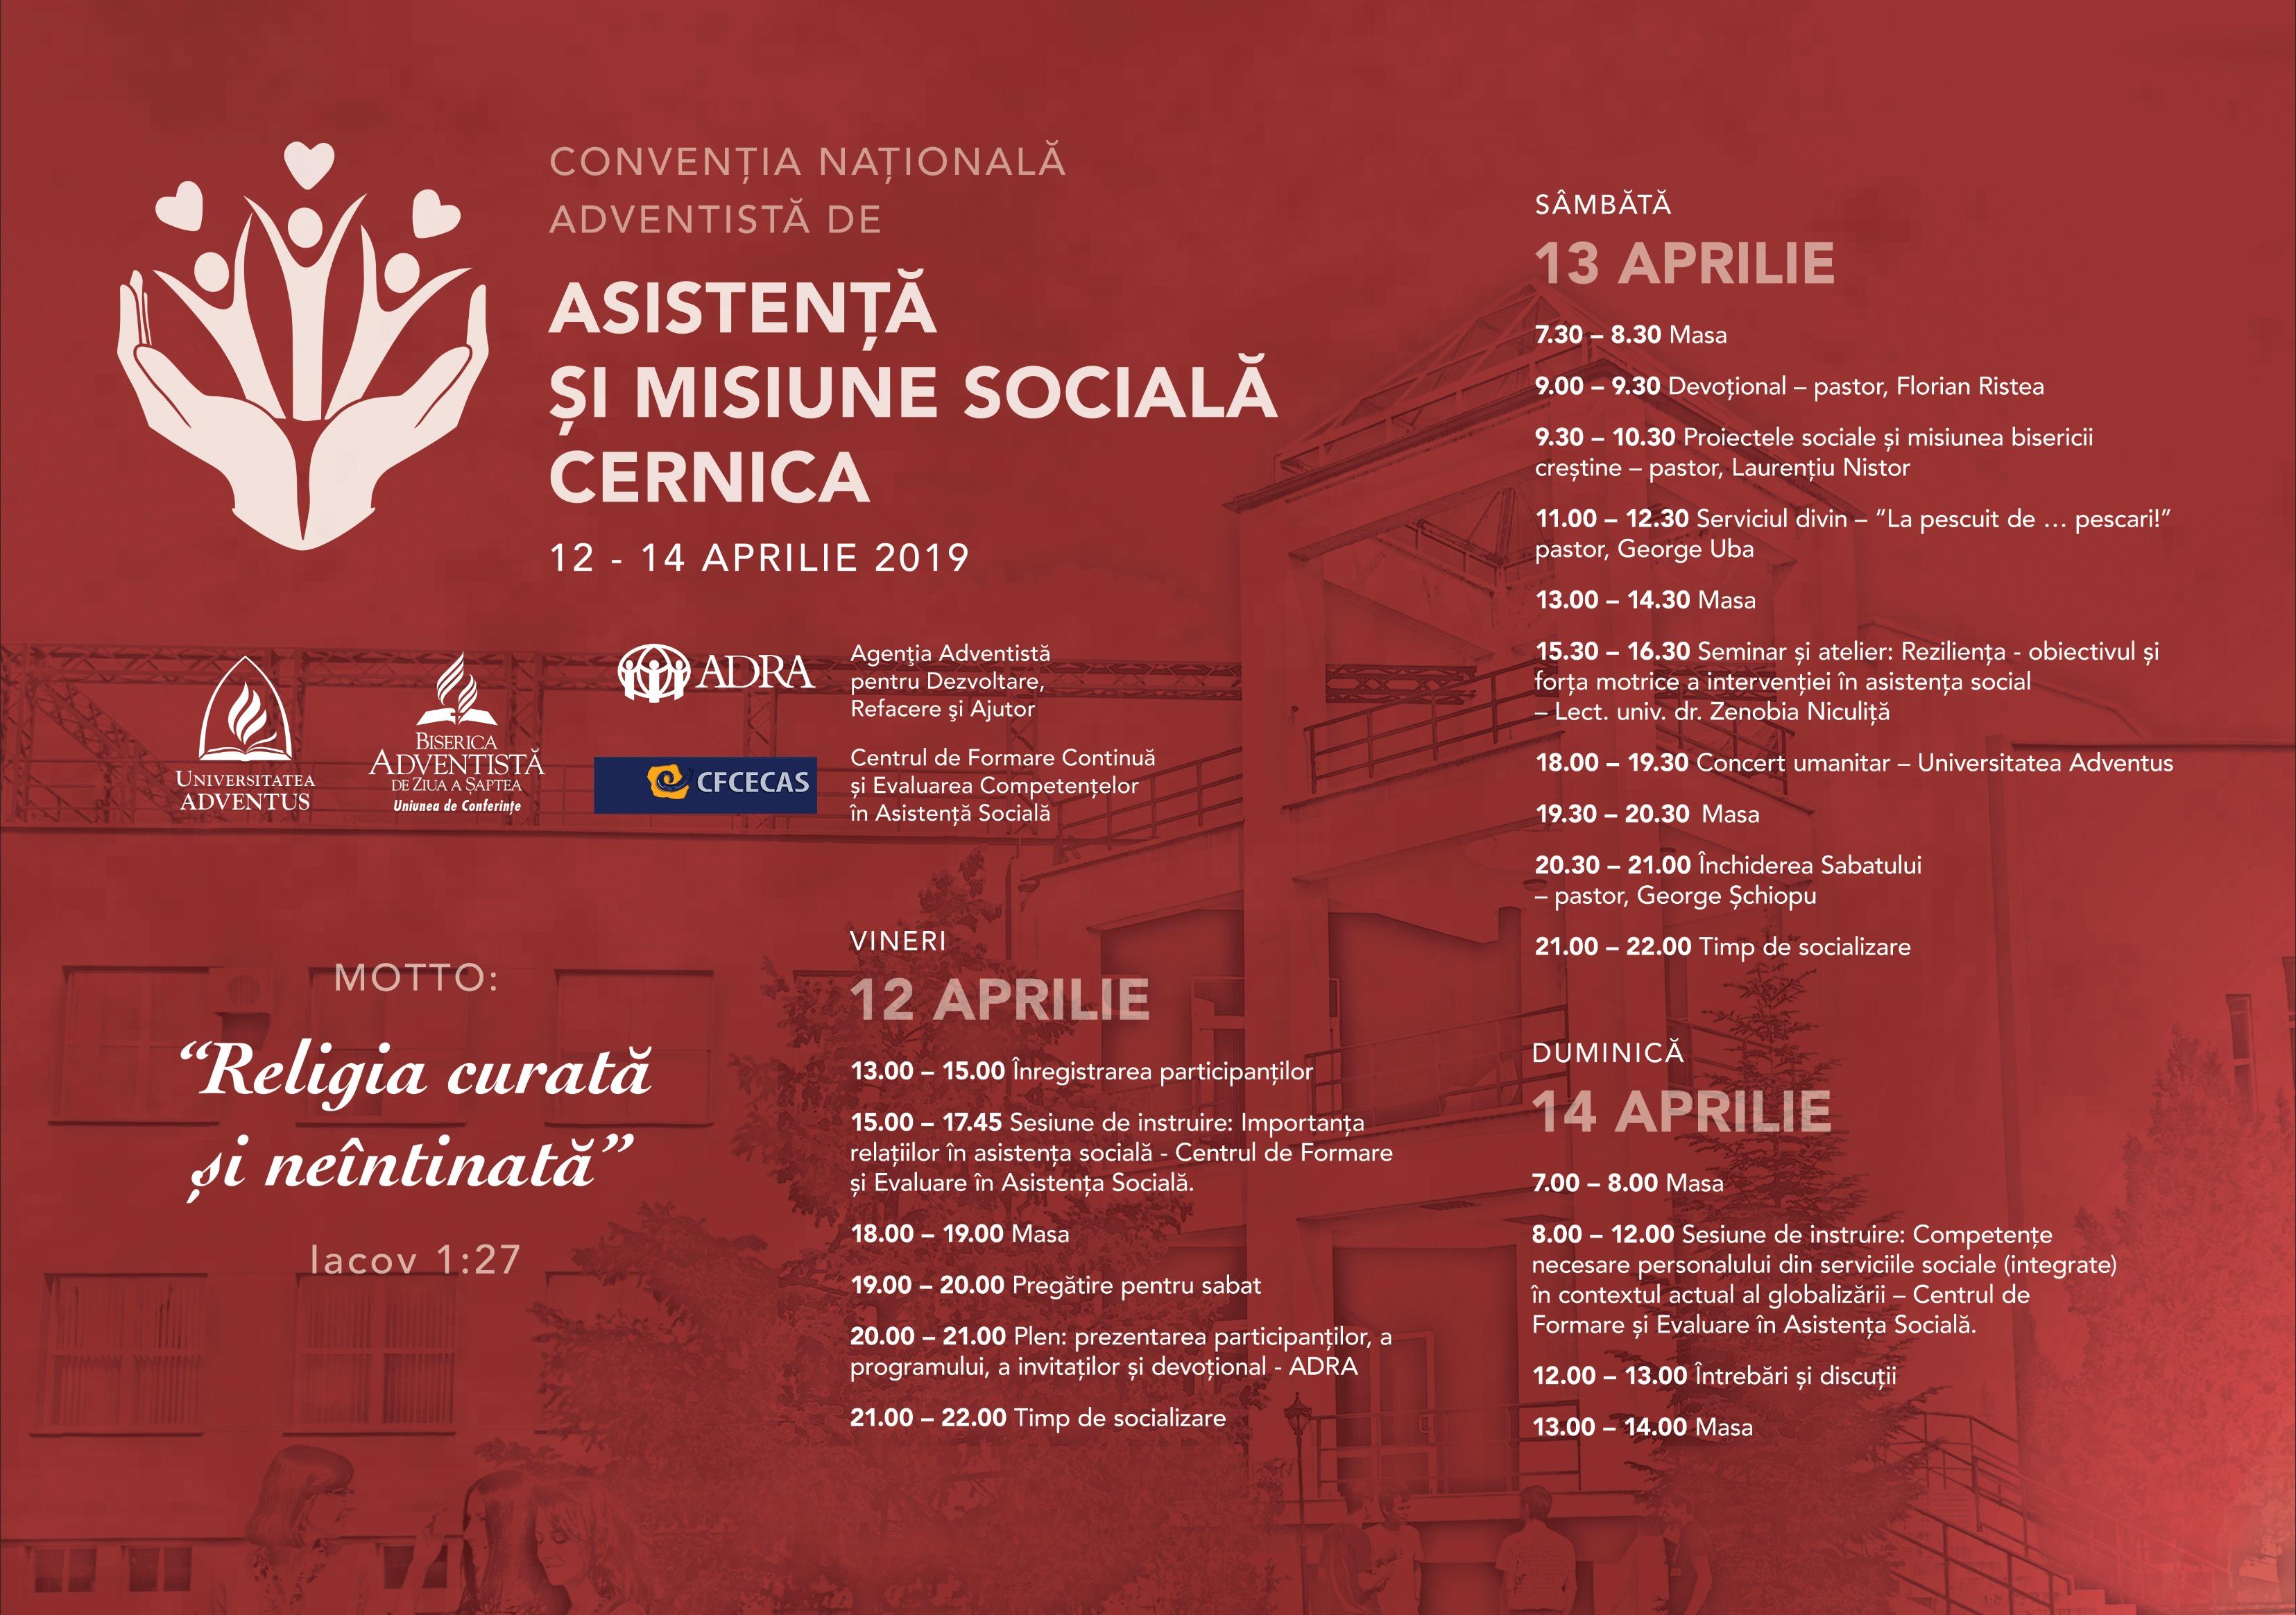 CONVENȚIA NAȚIONALĂ ADVENTISTĂ DE ASISTENȚĂ ȘI MISIUNE SOCIALĂ 12 – 14 APRILIE 2019